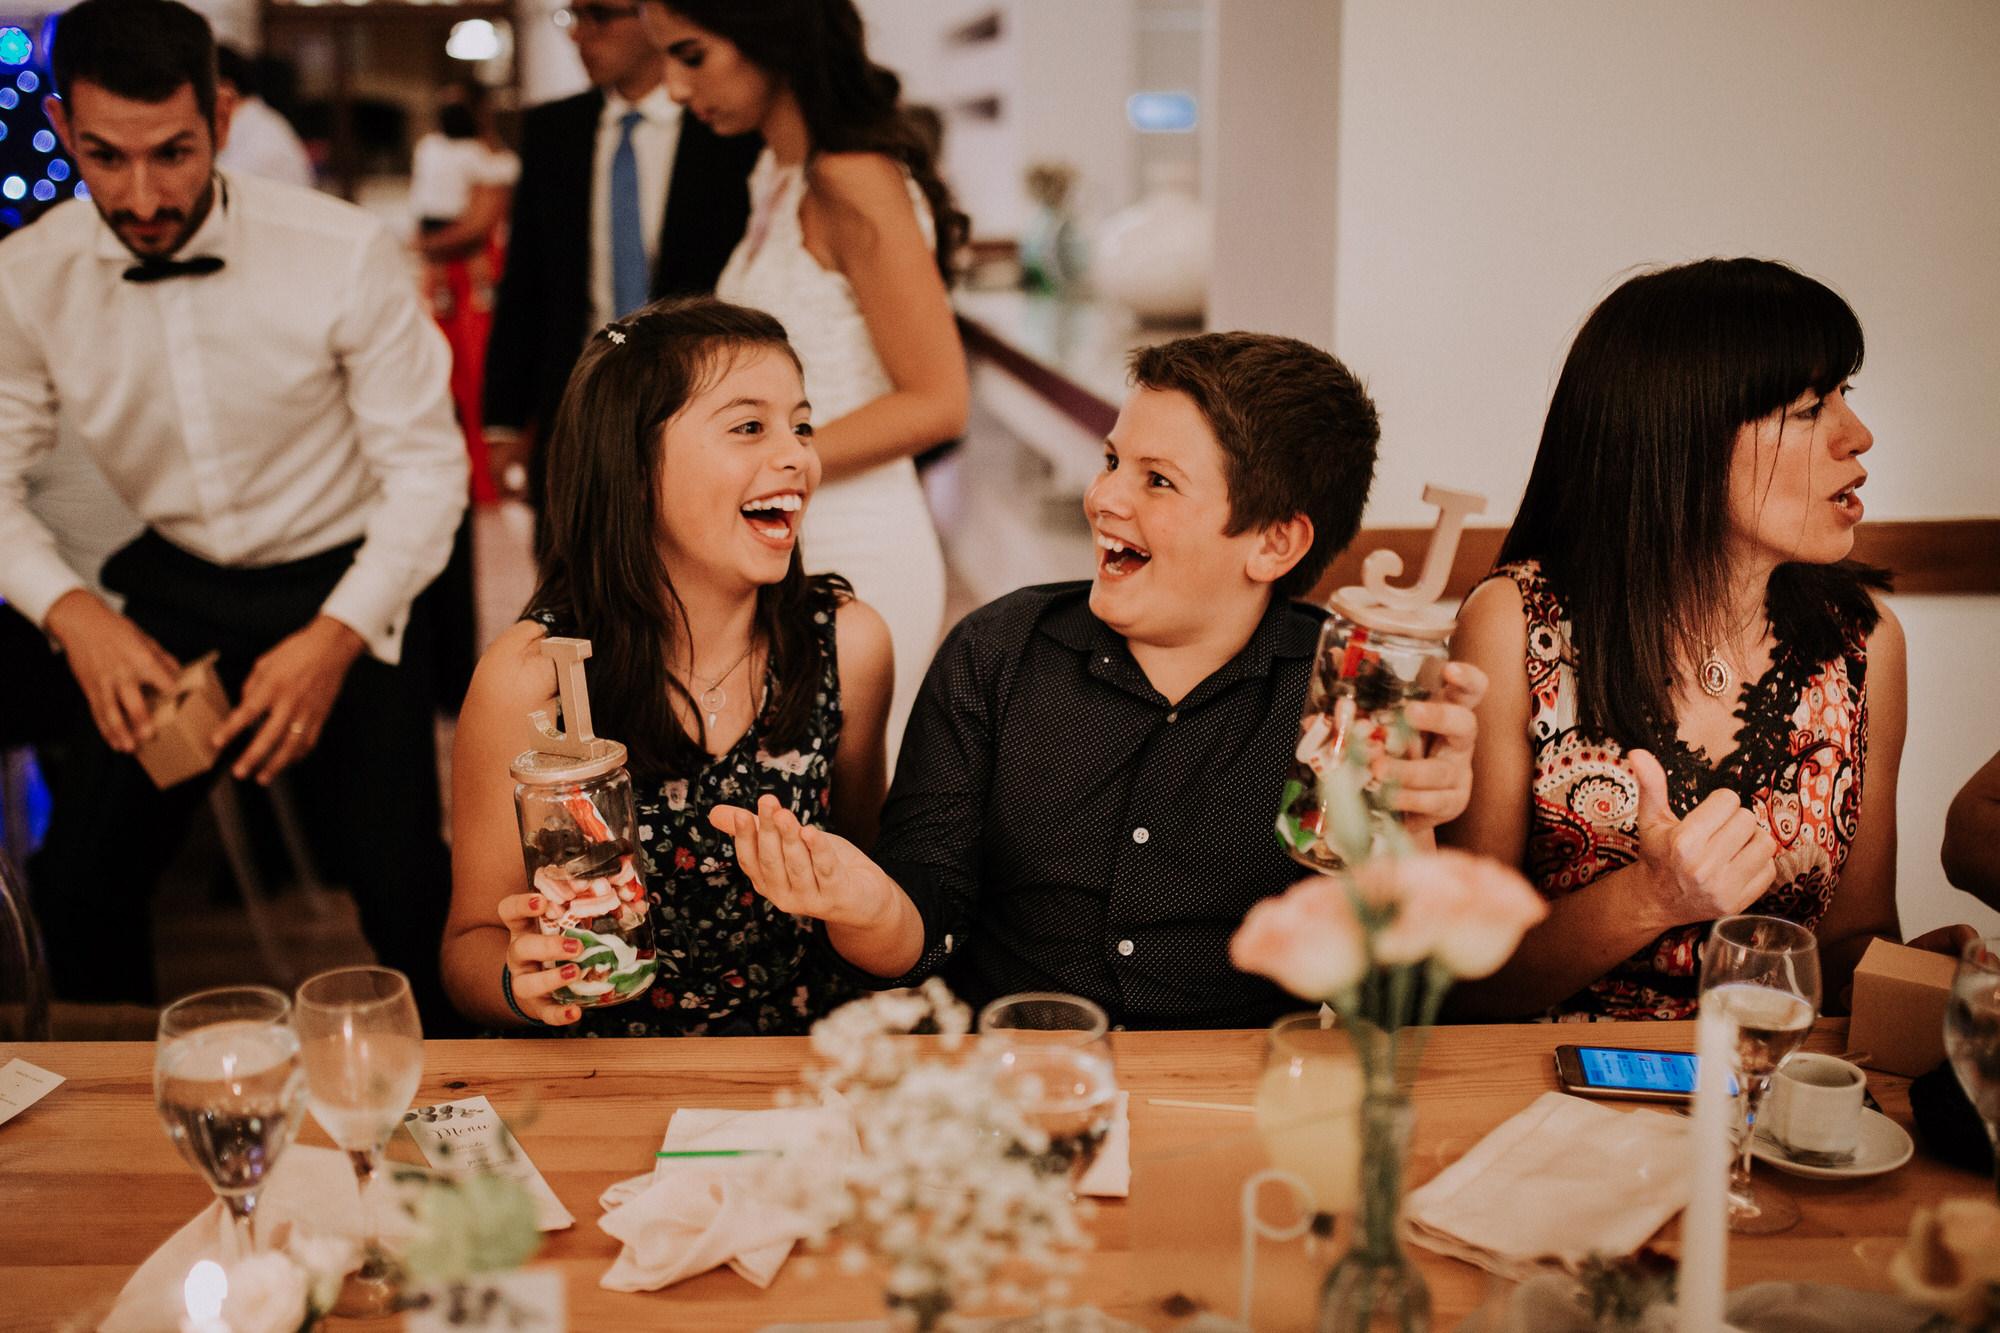 65 filipe_santiago_fotografia_casamento_decoracao_rustico_alenquer_inspiracao_quinta-da-bichinha_sao_goncalo_melhores_quintas_lisboa_distrito_fotografos_fotografia_natural_tendencias_flores_kids gifts wedding_ideias prendas brindes para criança casamento